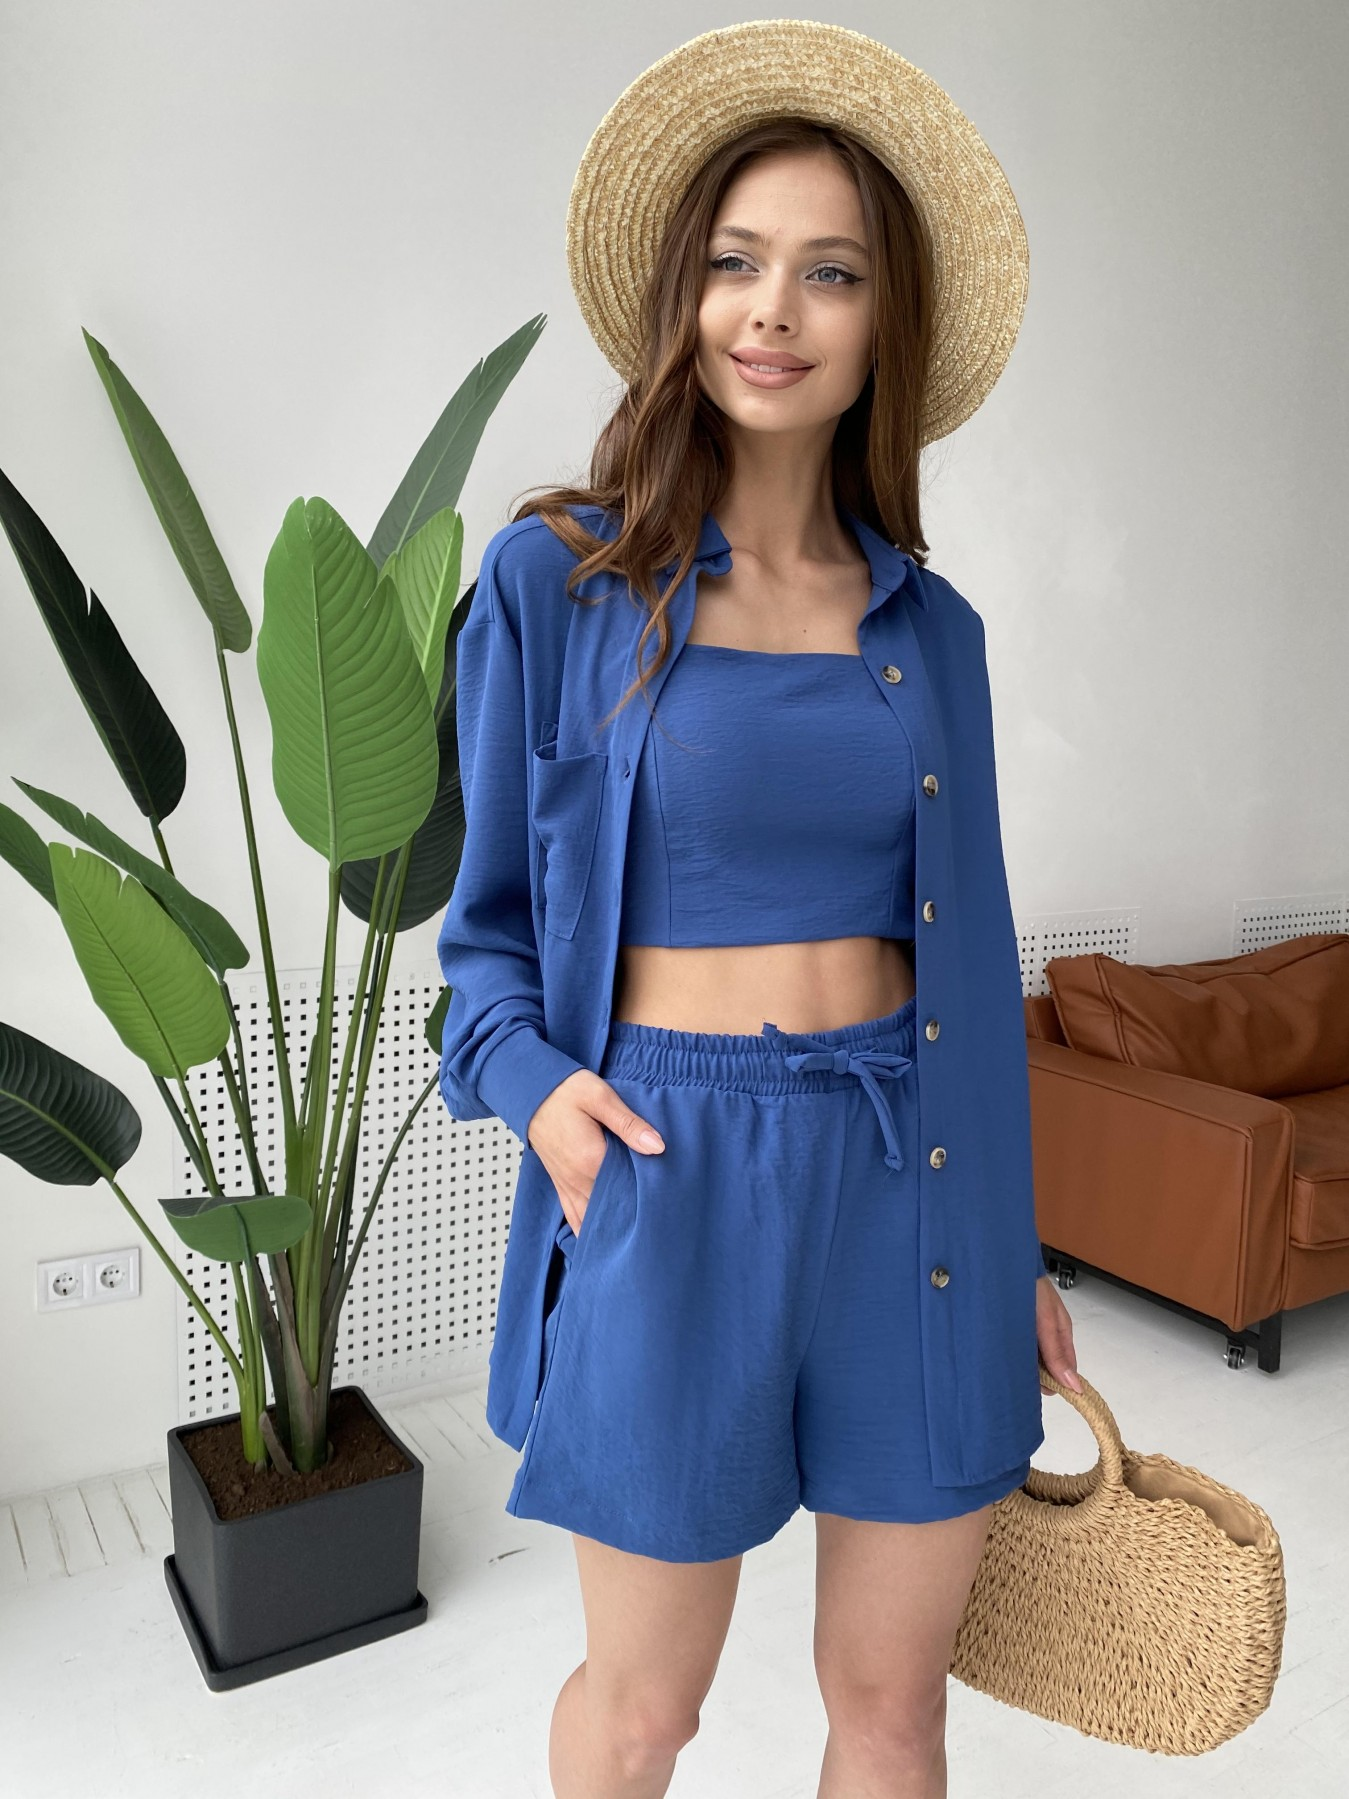 Квадро костюм американский из ткани креп (4 ед) 11303 АРТ. 47955 Цвет: Синий - фото 9, интернет магазин tm-modus.ru